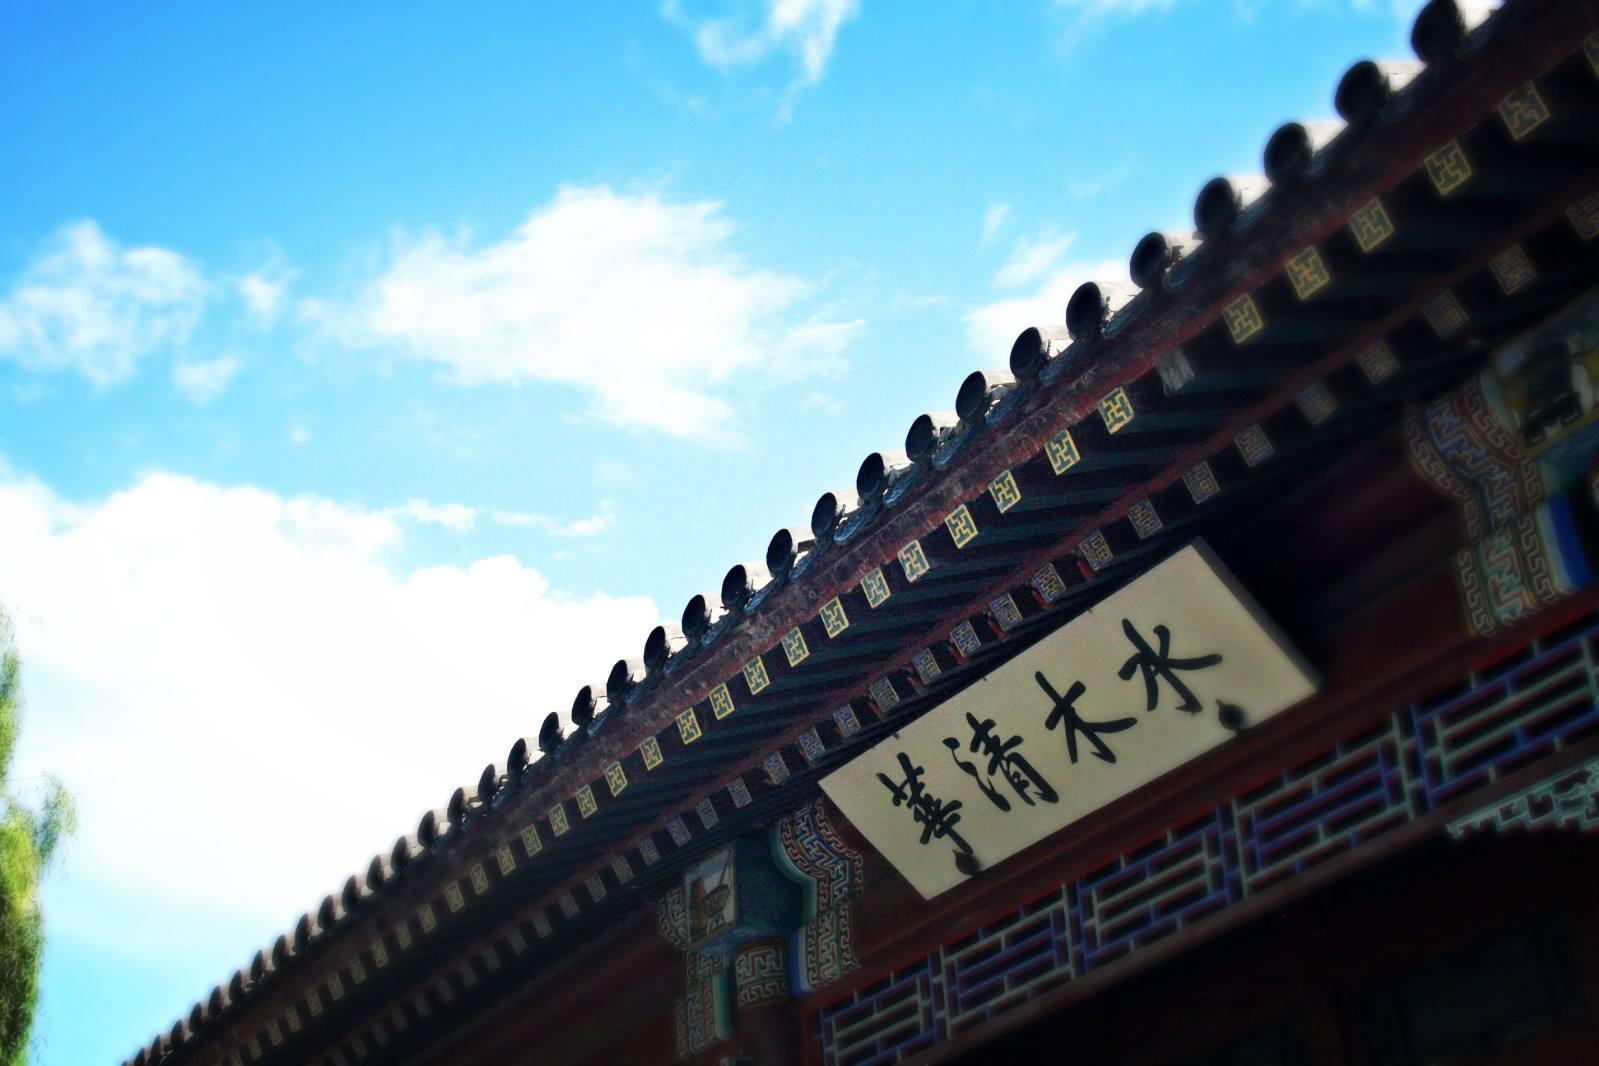 北京大学遭遇滑铁卢,高考录取分数创历史新低,却仍遭网友质疑